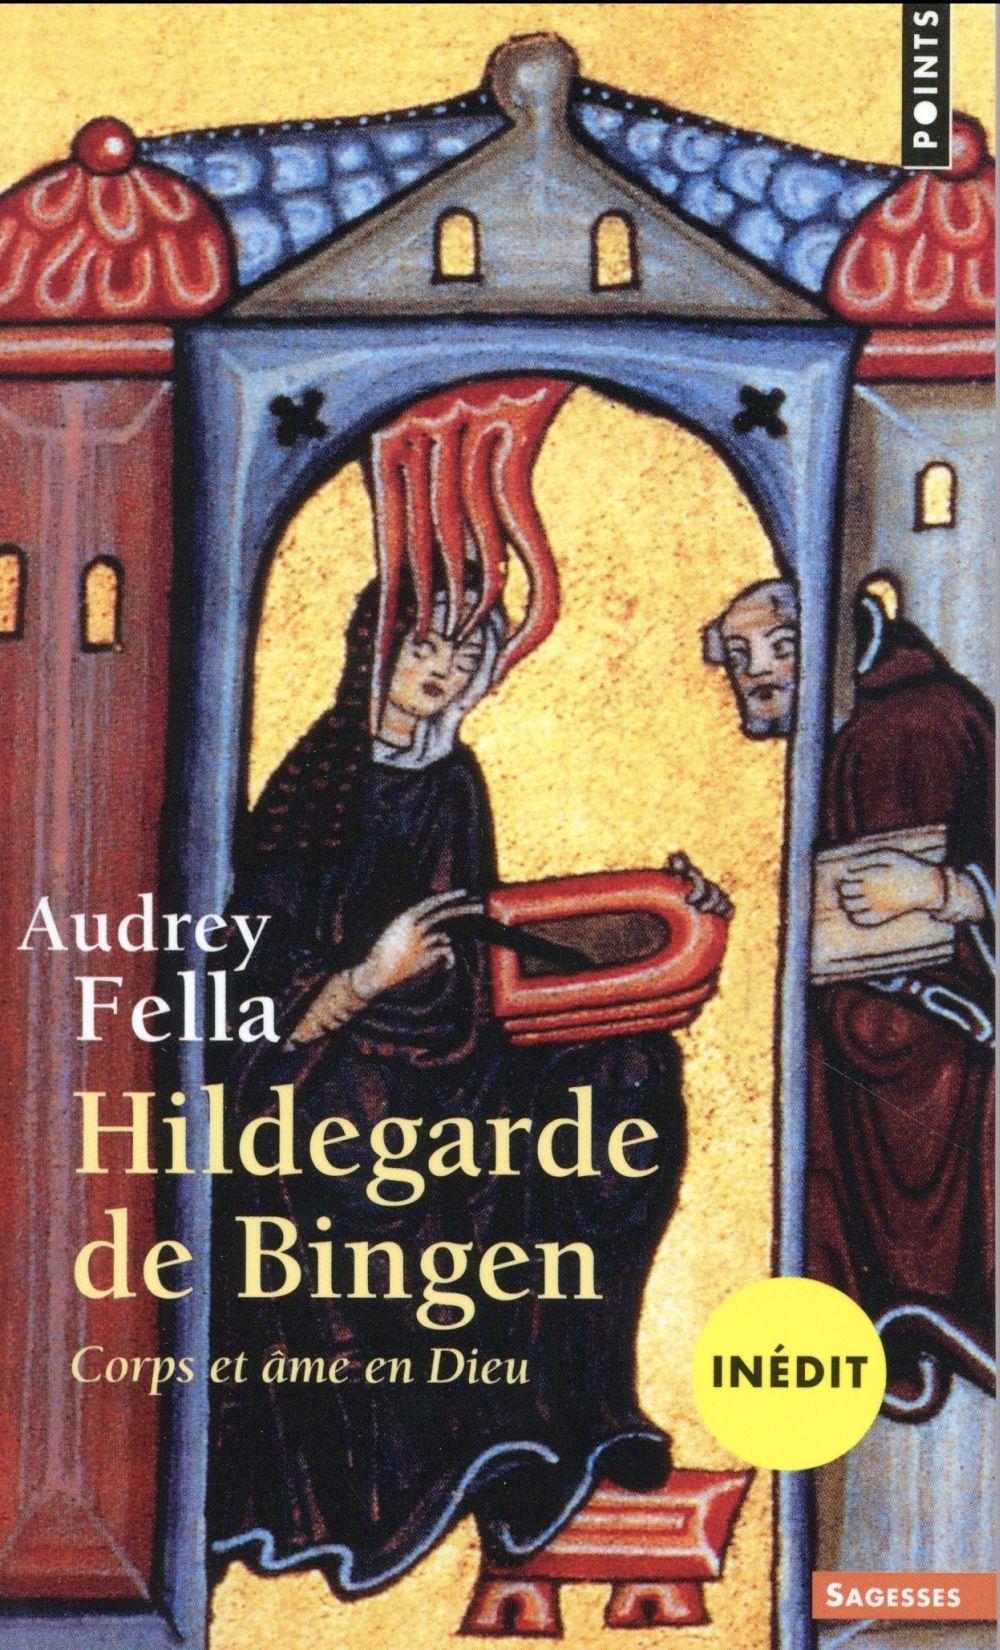 HILDEGARDE DE BINGEN. CORPS ET AME EN DIEU